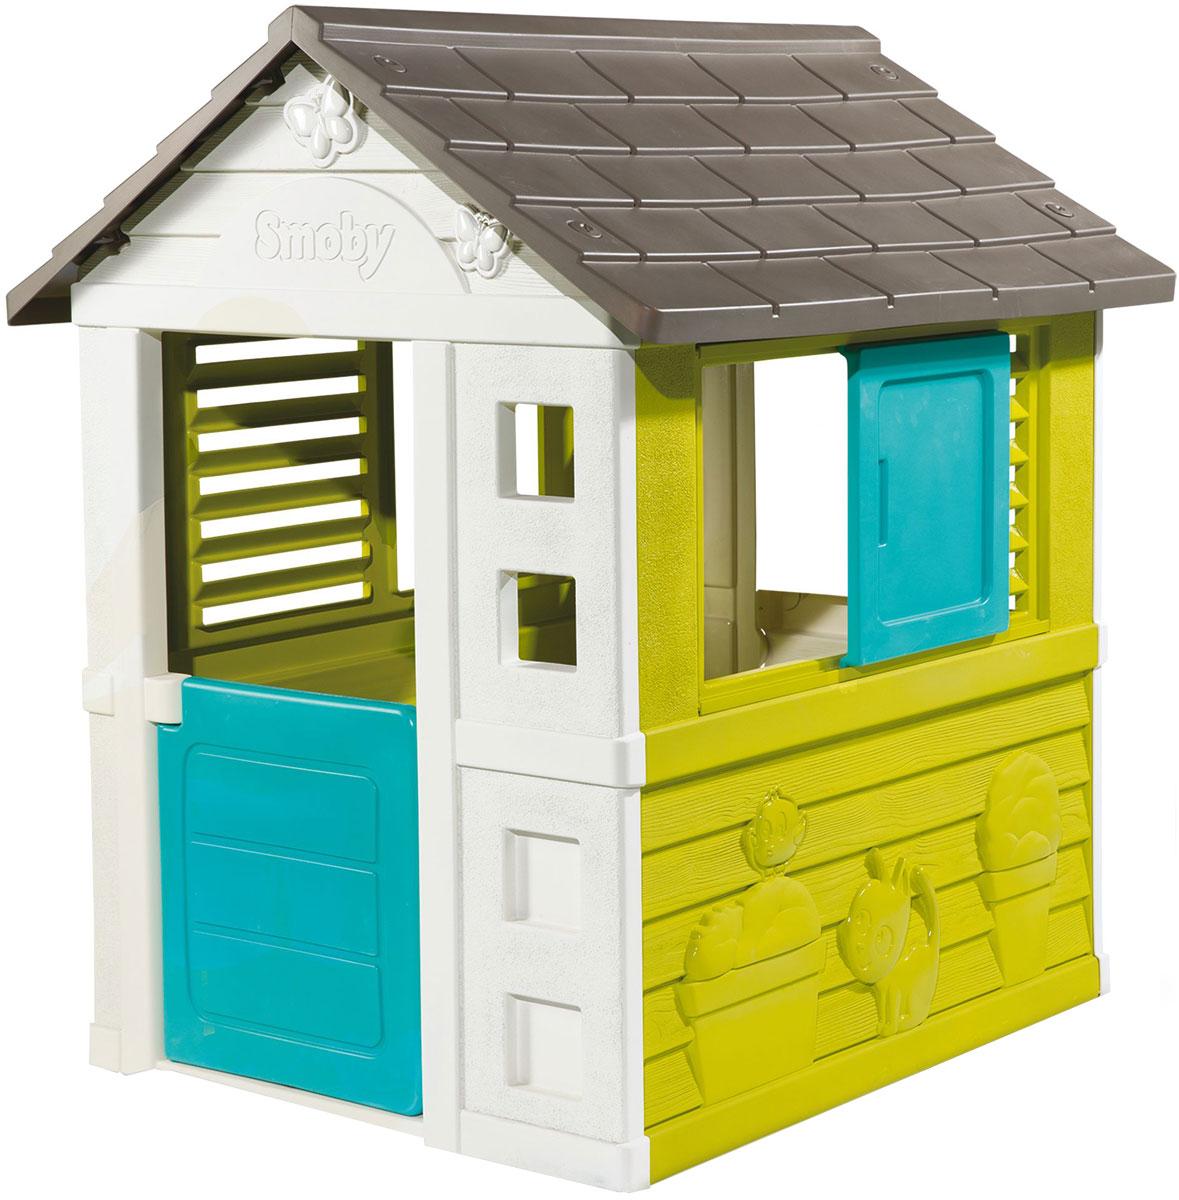 Небольшой игровой домик Smoby для детей от 2-х лет. Хорошо подходит для размещение дома и на улице. Дверь и окно открываются.Ключевые особенности:- Не выгорает на солнце- Сверхпрочный пластик- Легкая сборка- Французское производство.